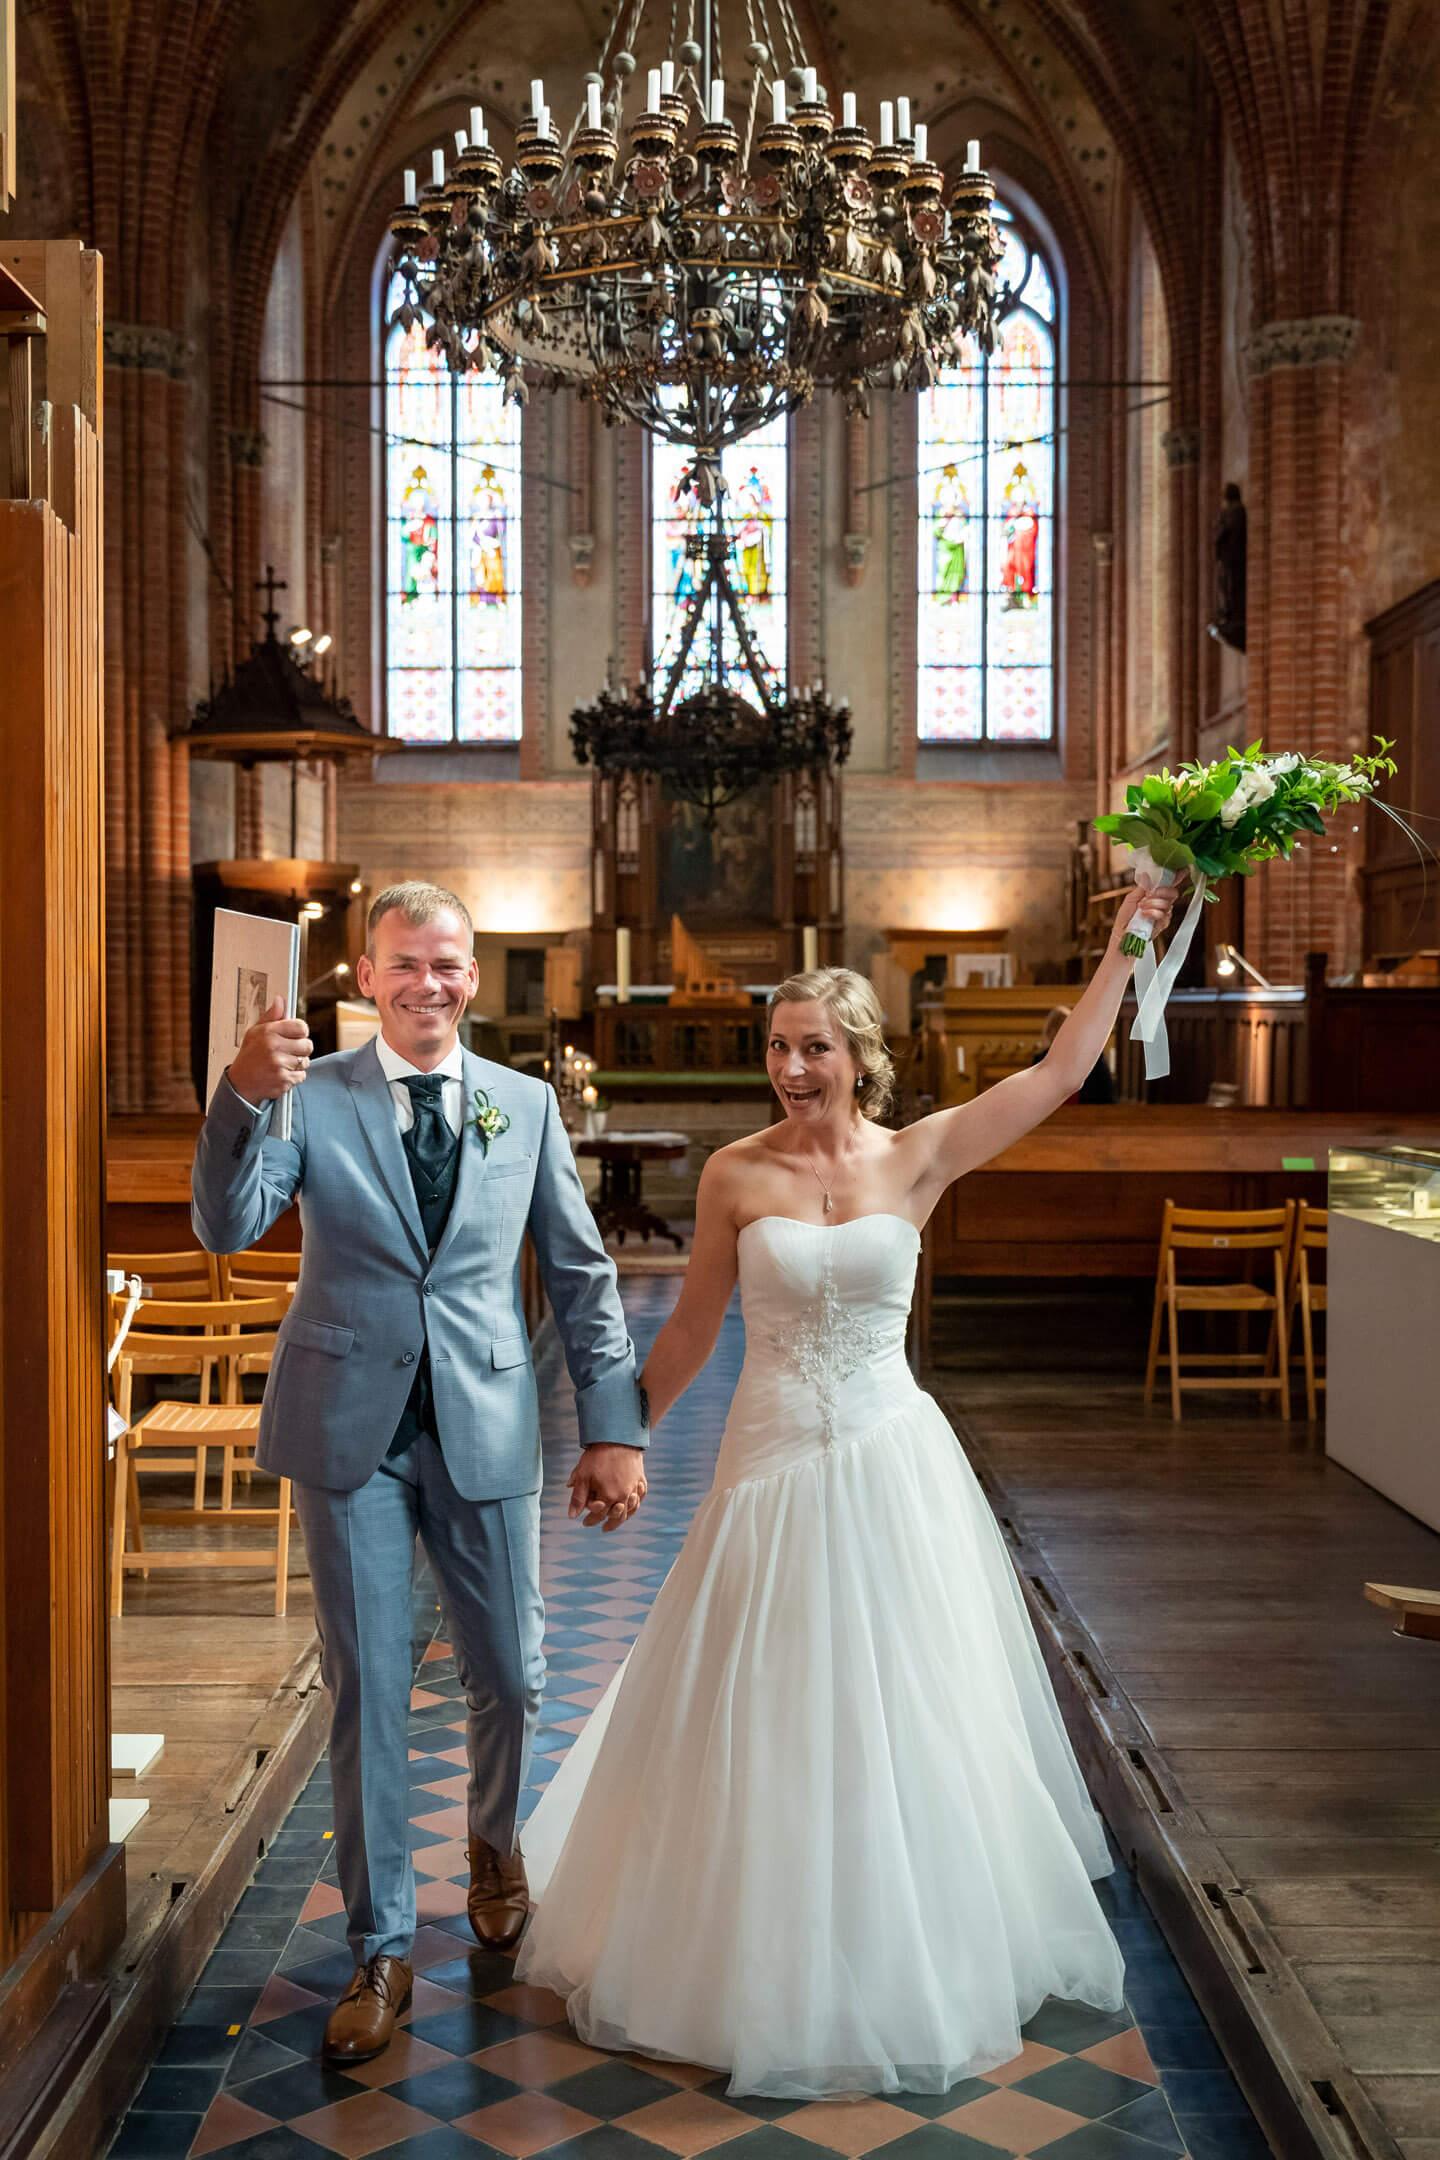 Yeehaaah! Verheiratet!